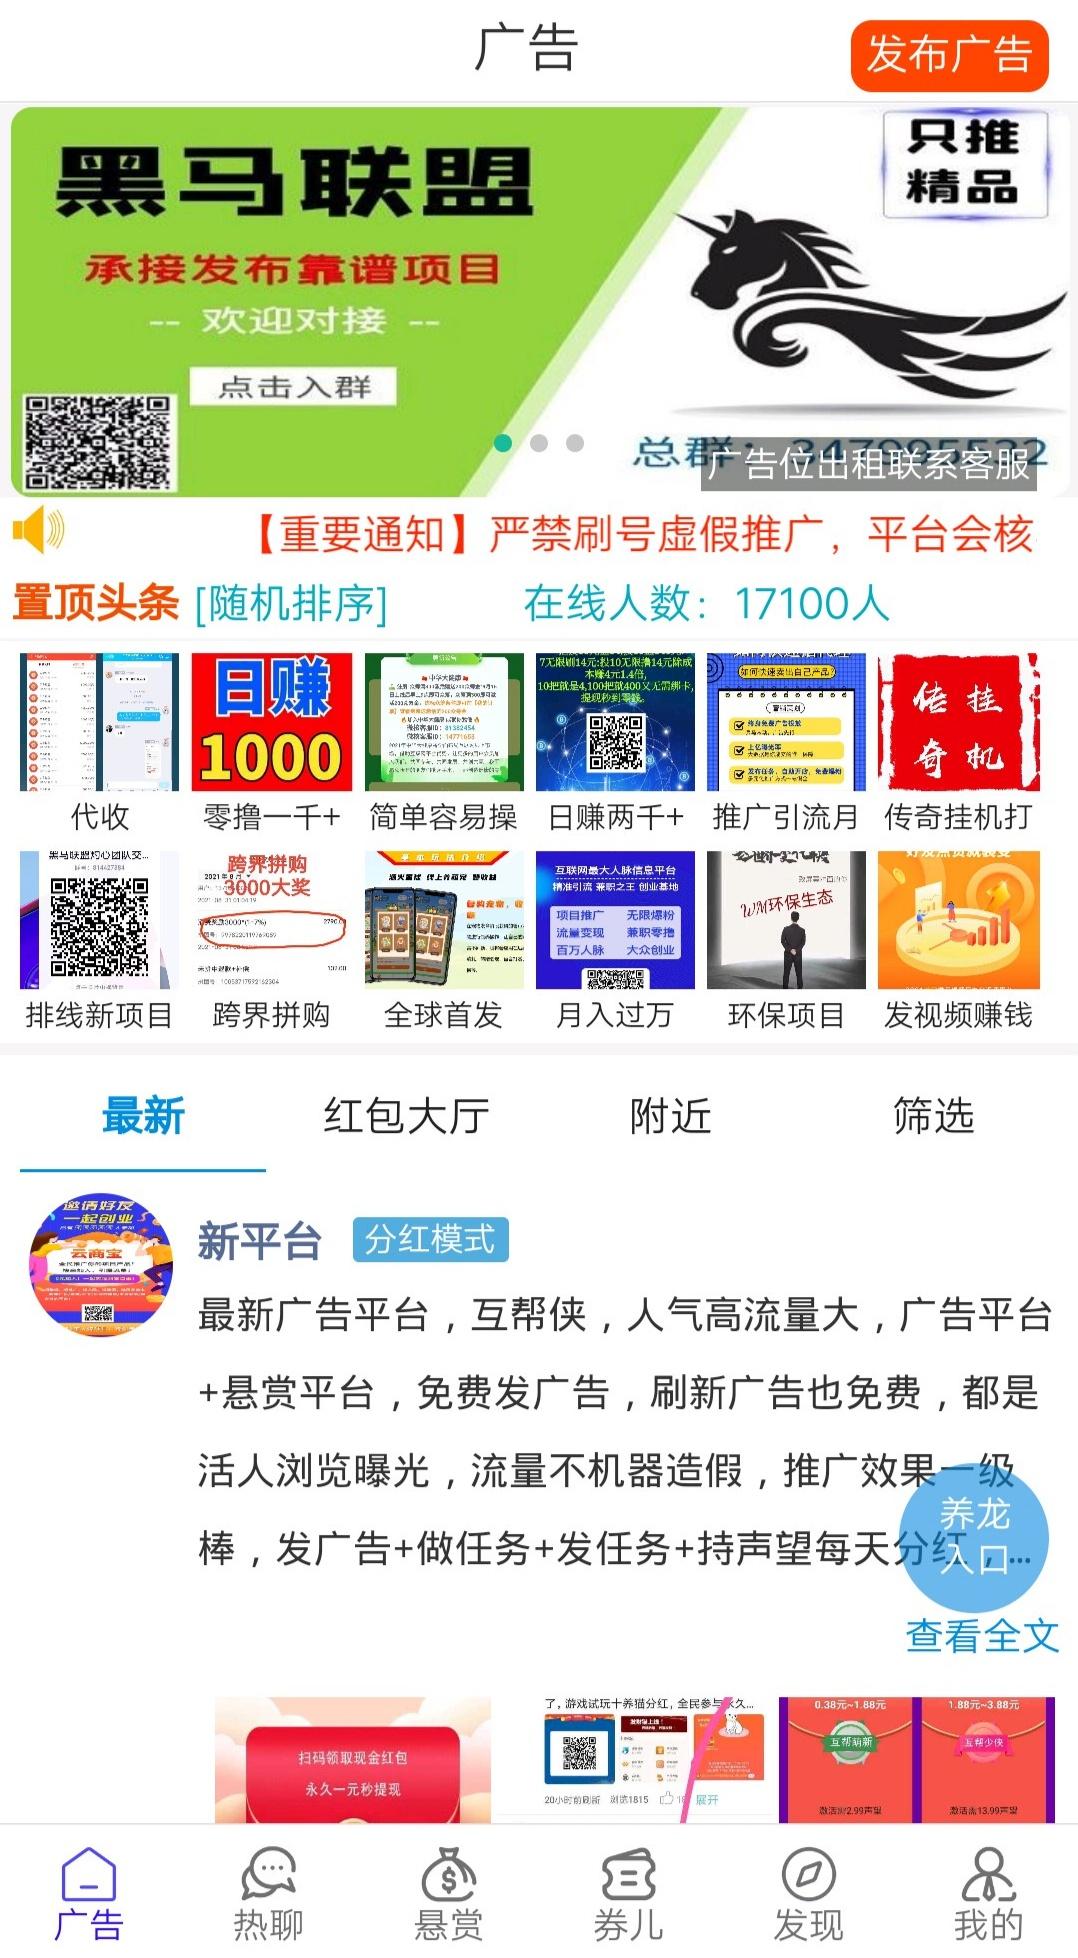 图片[2]-云商宝:免费发布广告,每天免费领分红-首码社